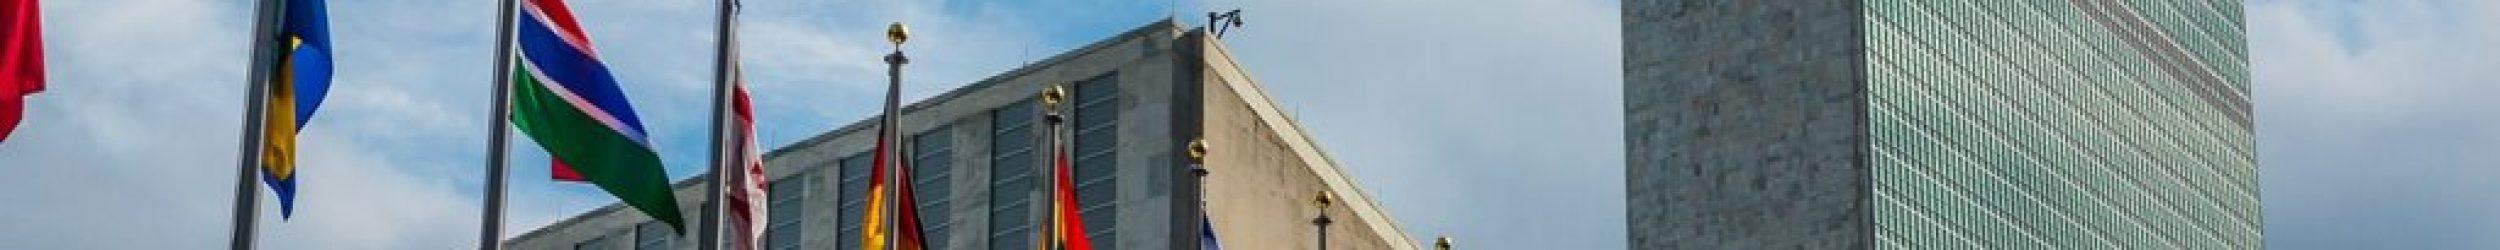 un_headquarters-e1532373277902-1024x437